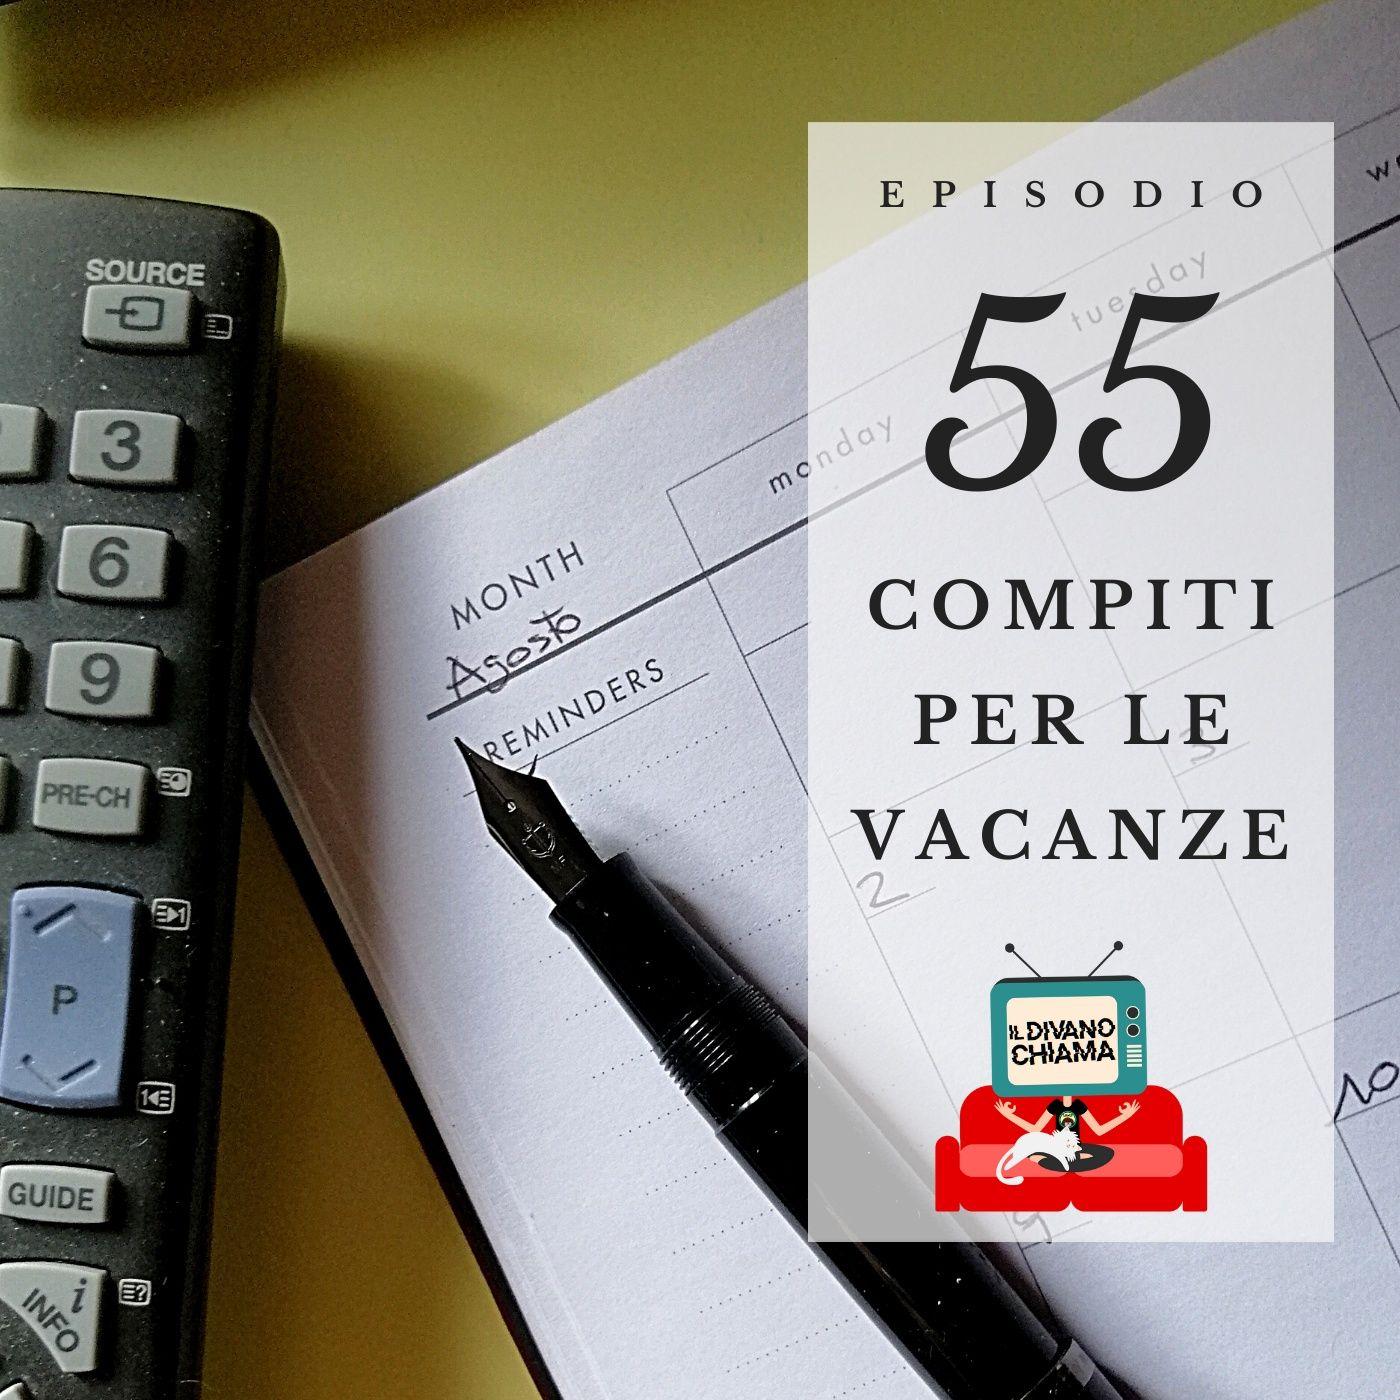 Puntata 55 - Compiti per le vacanze